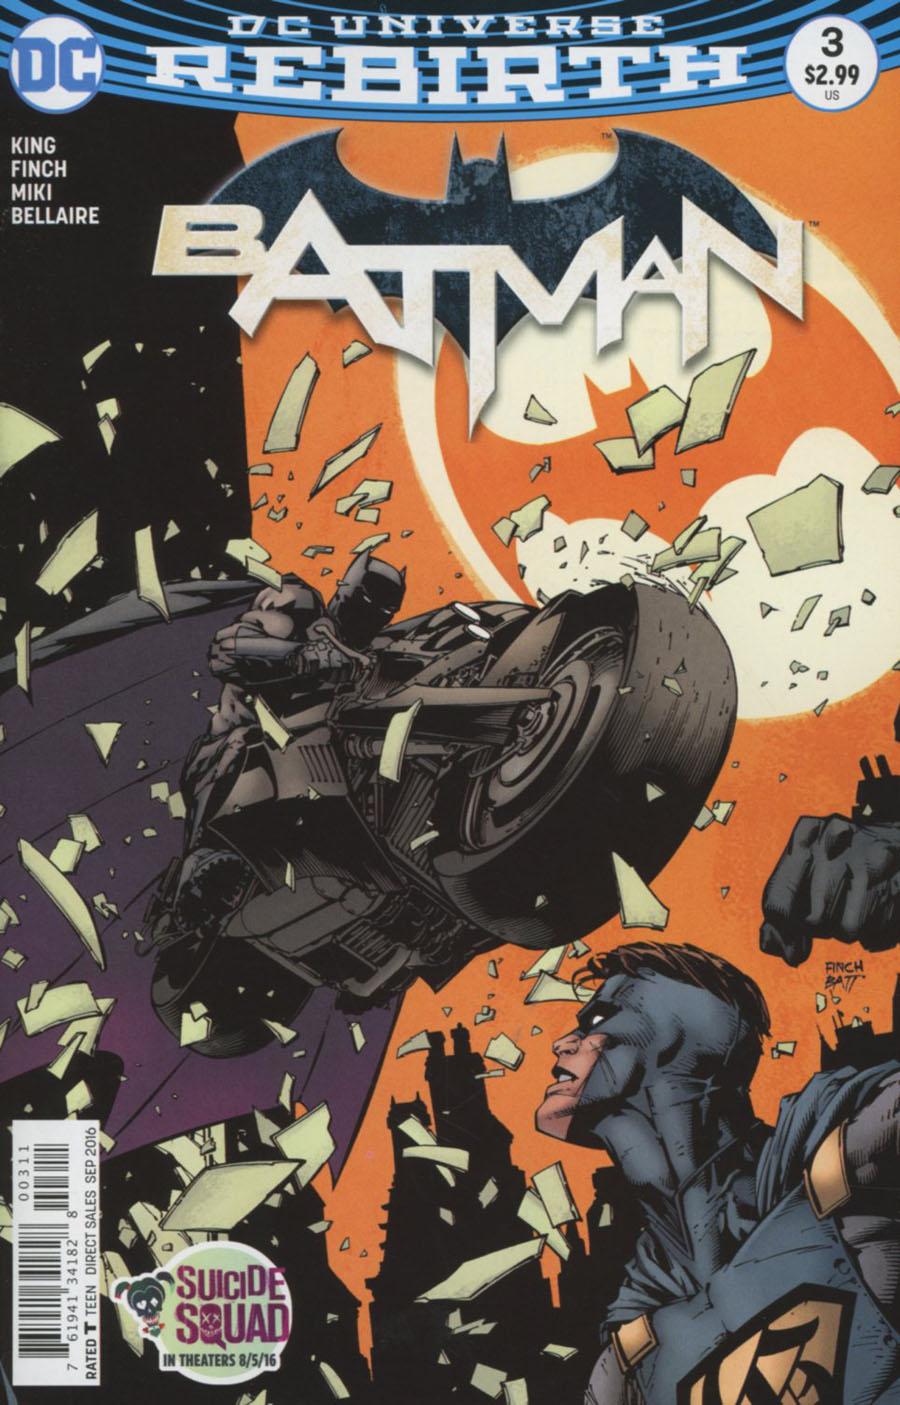 Batman Vol 3 #3 Cover A Regular David Finch Cover